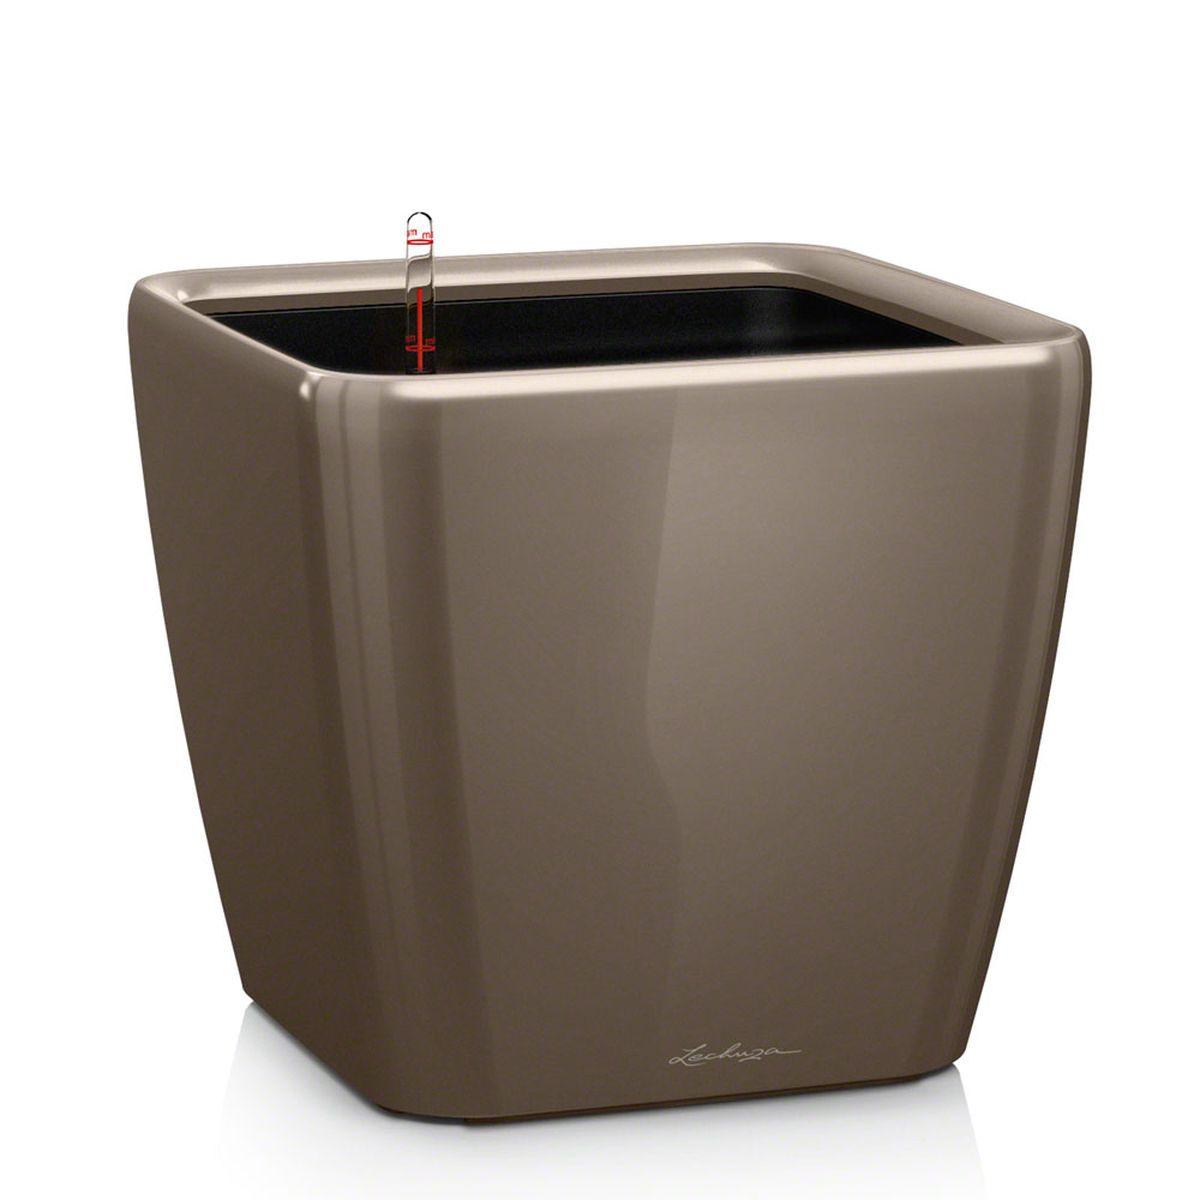 Кашпо Lechuza Quadro, с системой автополива, цвет: серо-коричневый, 43 х 43 х 40 см16185Кашпо Lechuza Quadro, выполненное из высококачественного пластика, имеет уникальную систему автополива, благодаря которой корневая система растения непрерывно снабжается влагой из резервуара. Уровень воды в резервуаре контролируется с помощью специального индикатора. В зависимости от размера кашпо и растения воды хватает на 2-12 недель. Это способствует хорошему росту цветов и предотвращает переувлажнение. В набор входит: кашпо, внутренний горшок, индикатор уровня воды, вал подачи воды, субстрат растений в качестве дренажного слоя, резервуар для воды. Кашпо Lechuza Quadro прекрасно впишется в любой интерьер. Оно поможет расставить нужные акценты, а также придаст помещению вид, соответствующий вашим представлениям.